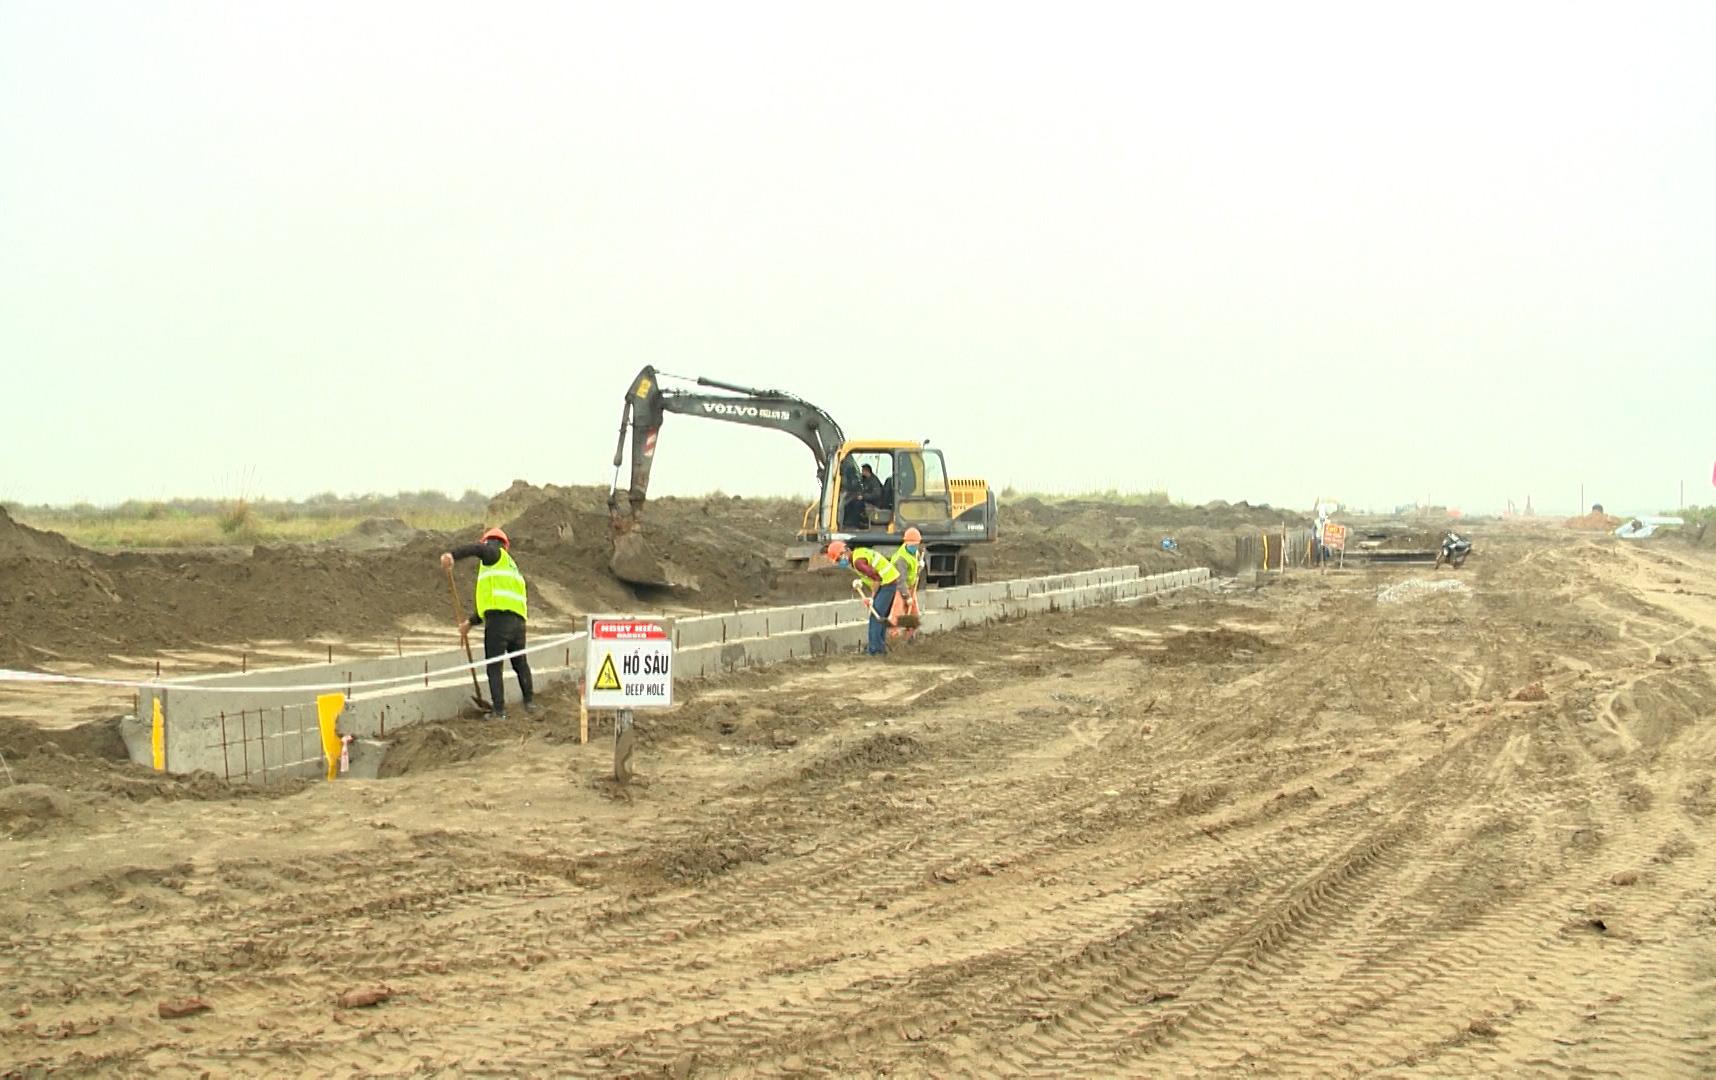 Đẩy nhanh xây dựng hạ tầng KCN Dịch vụ Đầm Nhà Mạc - Ảnh 1.